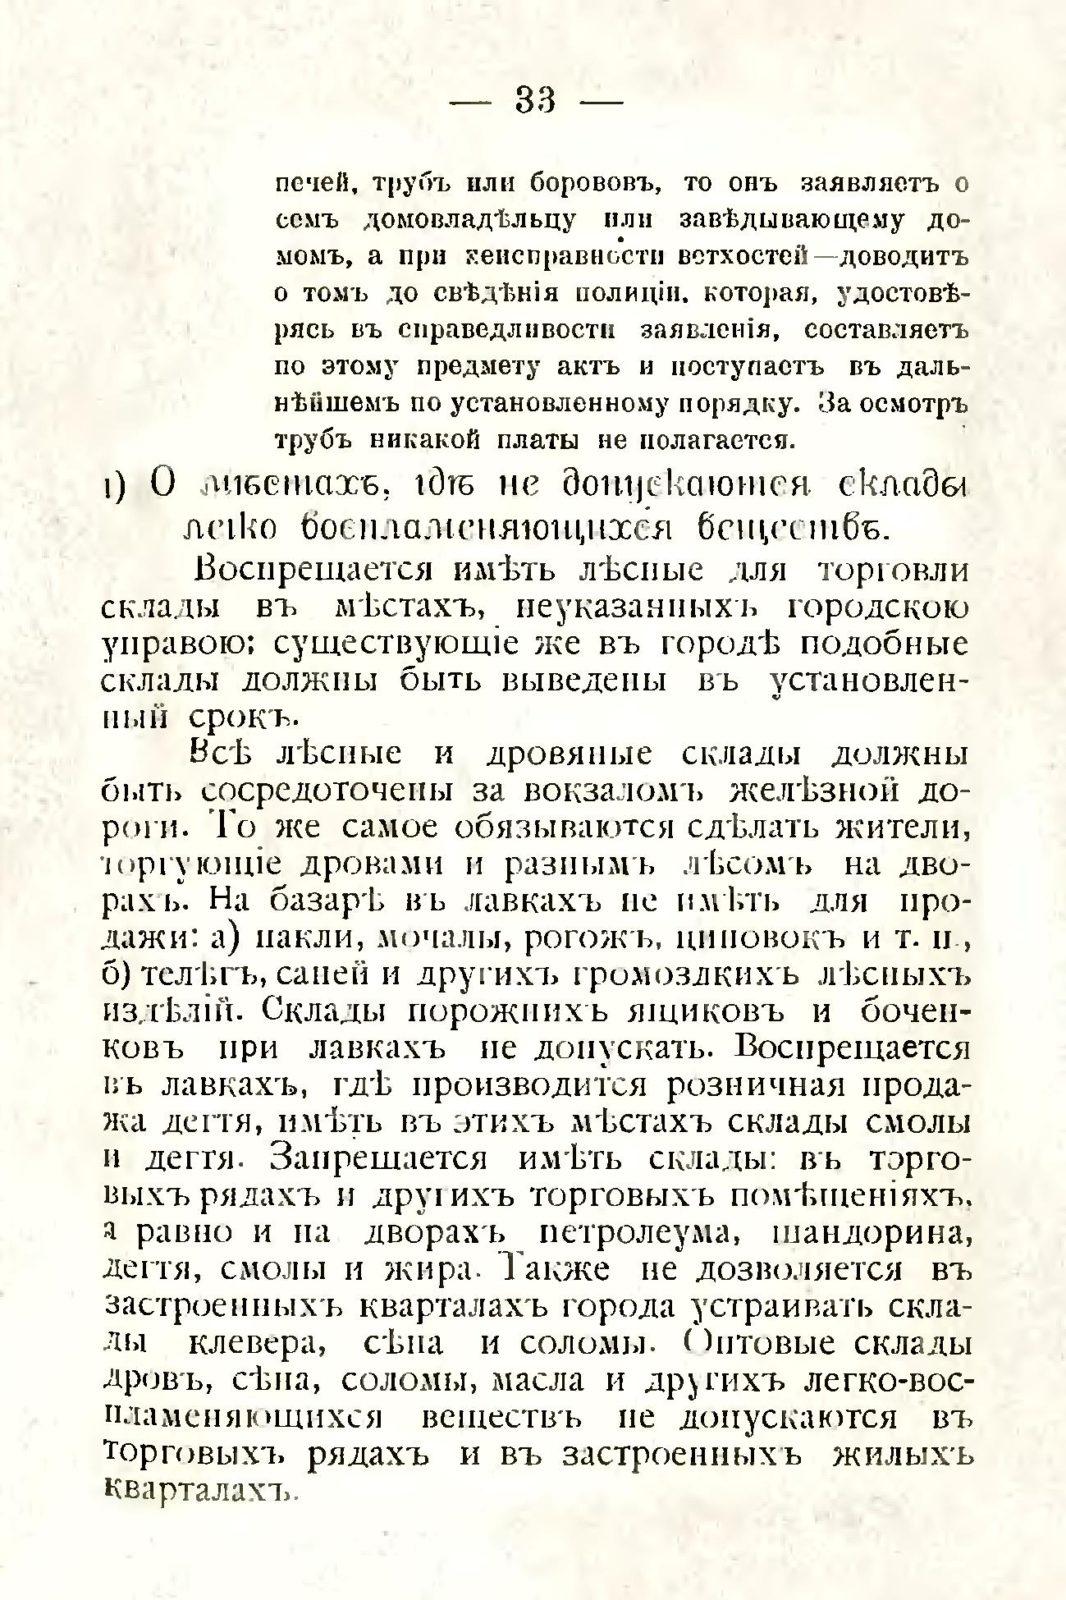 sbornik_obyazatelnyh_postanovlenii_tashkentskoi_gorodskoi_du_37